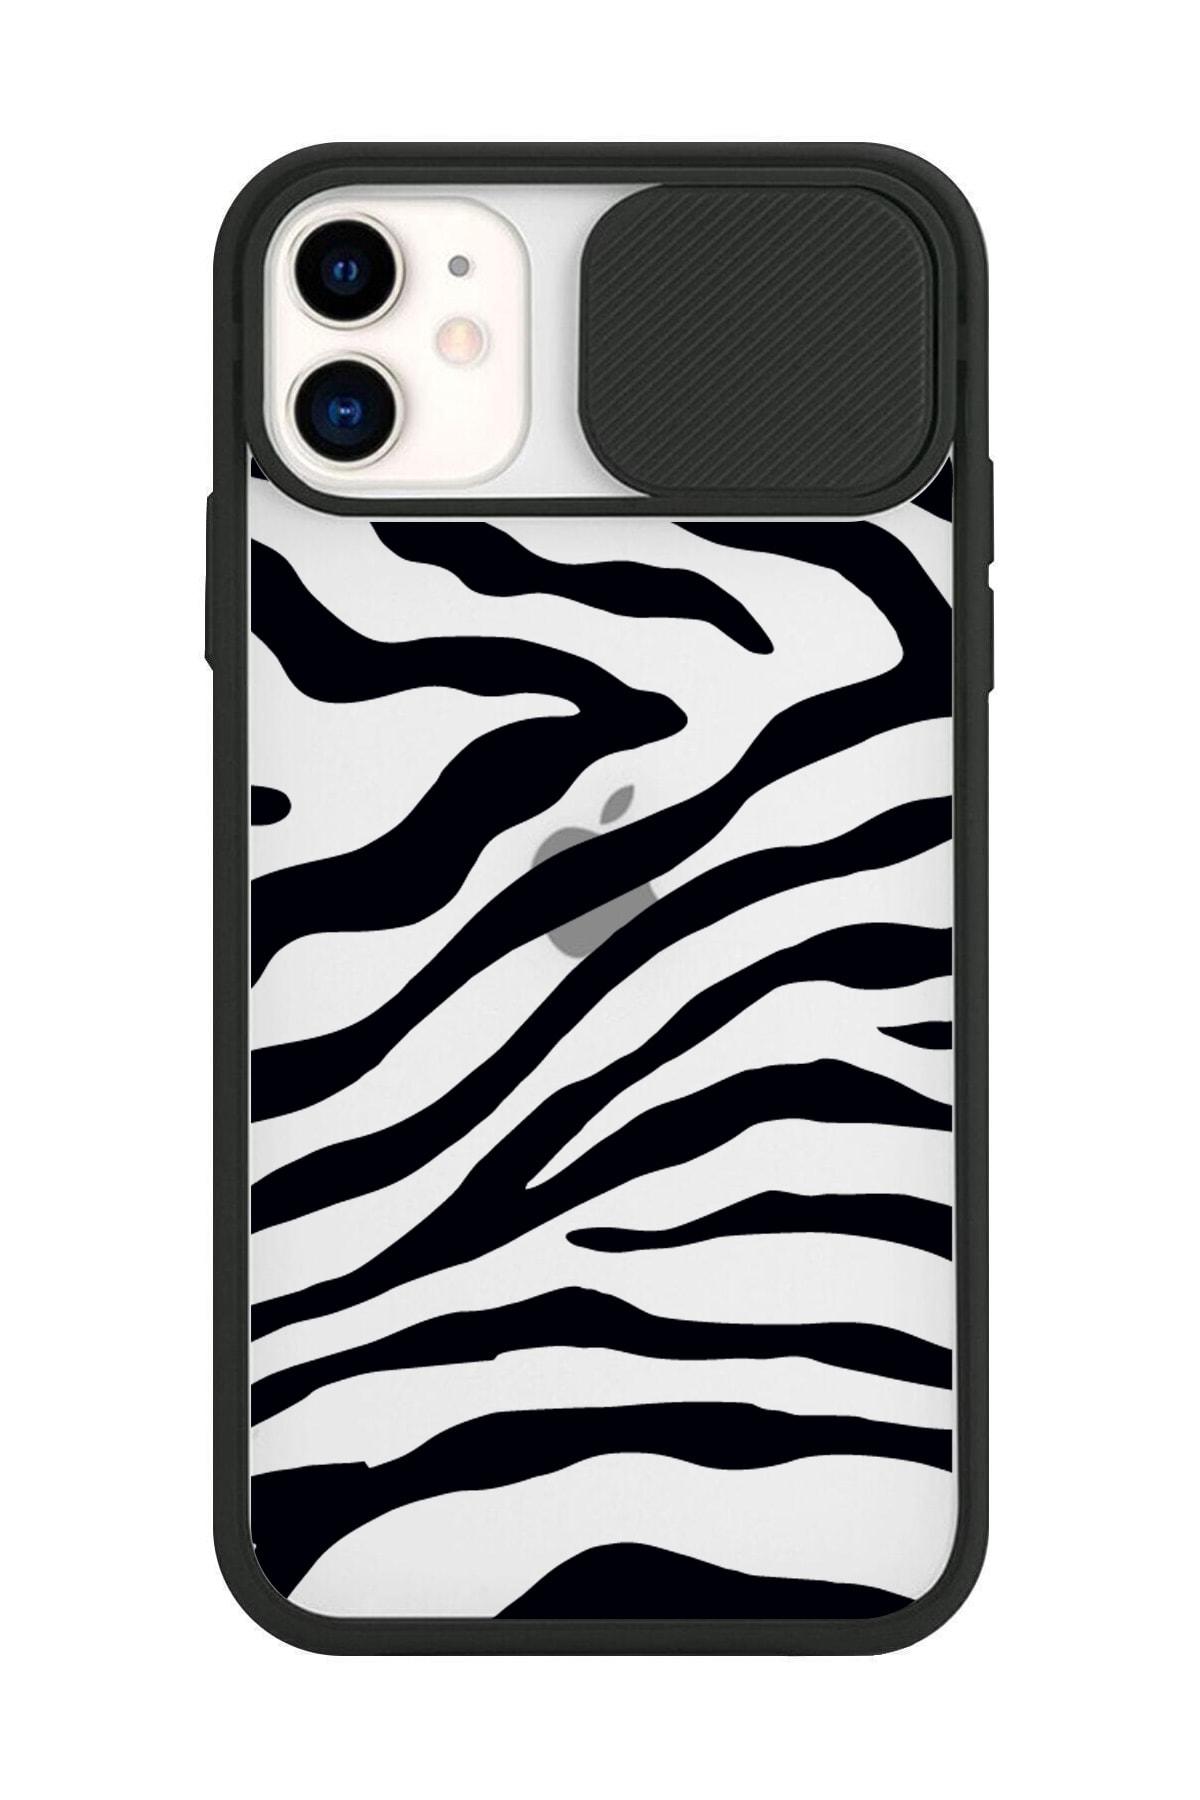 Iphone 11 Uyumlu  Siyah Kamera Lens Korumalı Tasarımlı Telefon Kılıfı